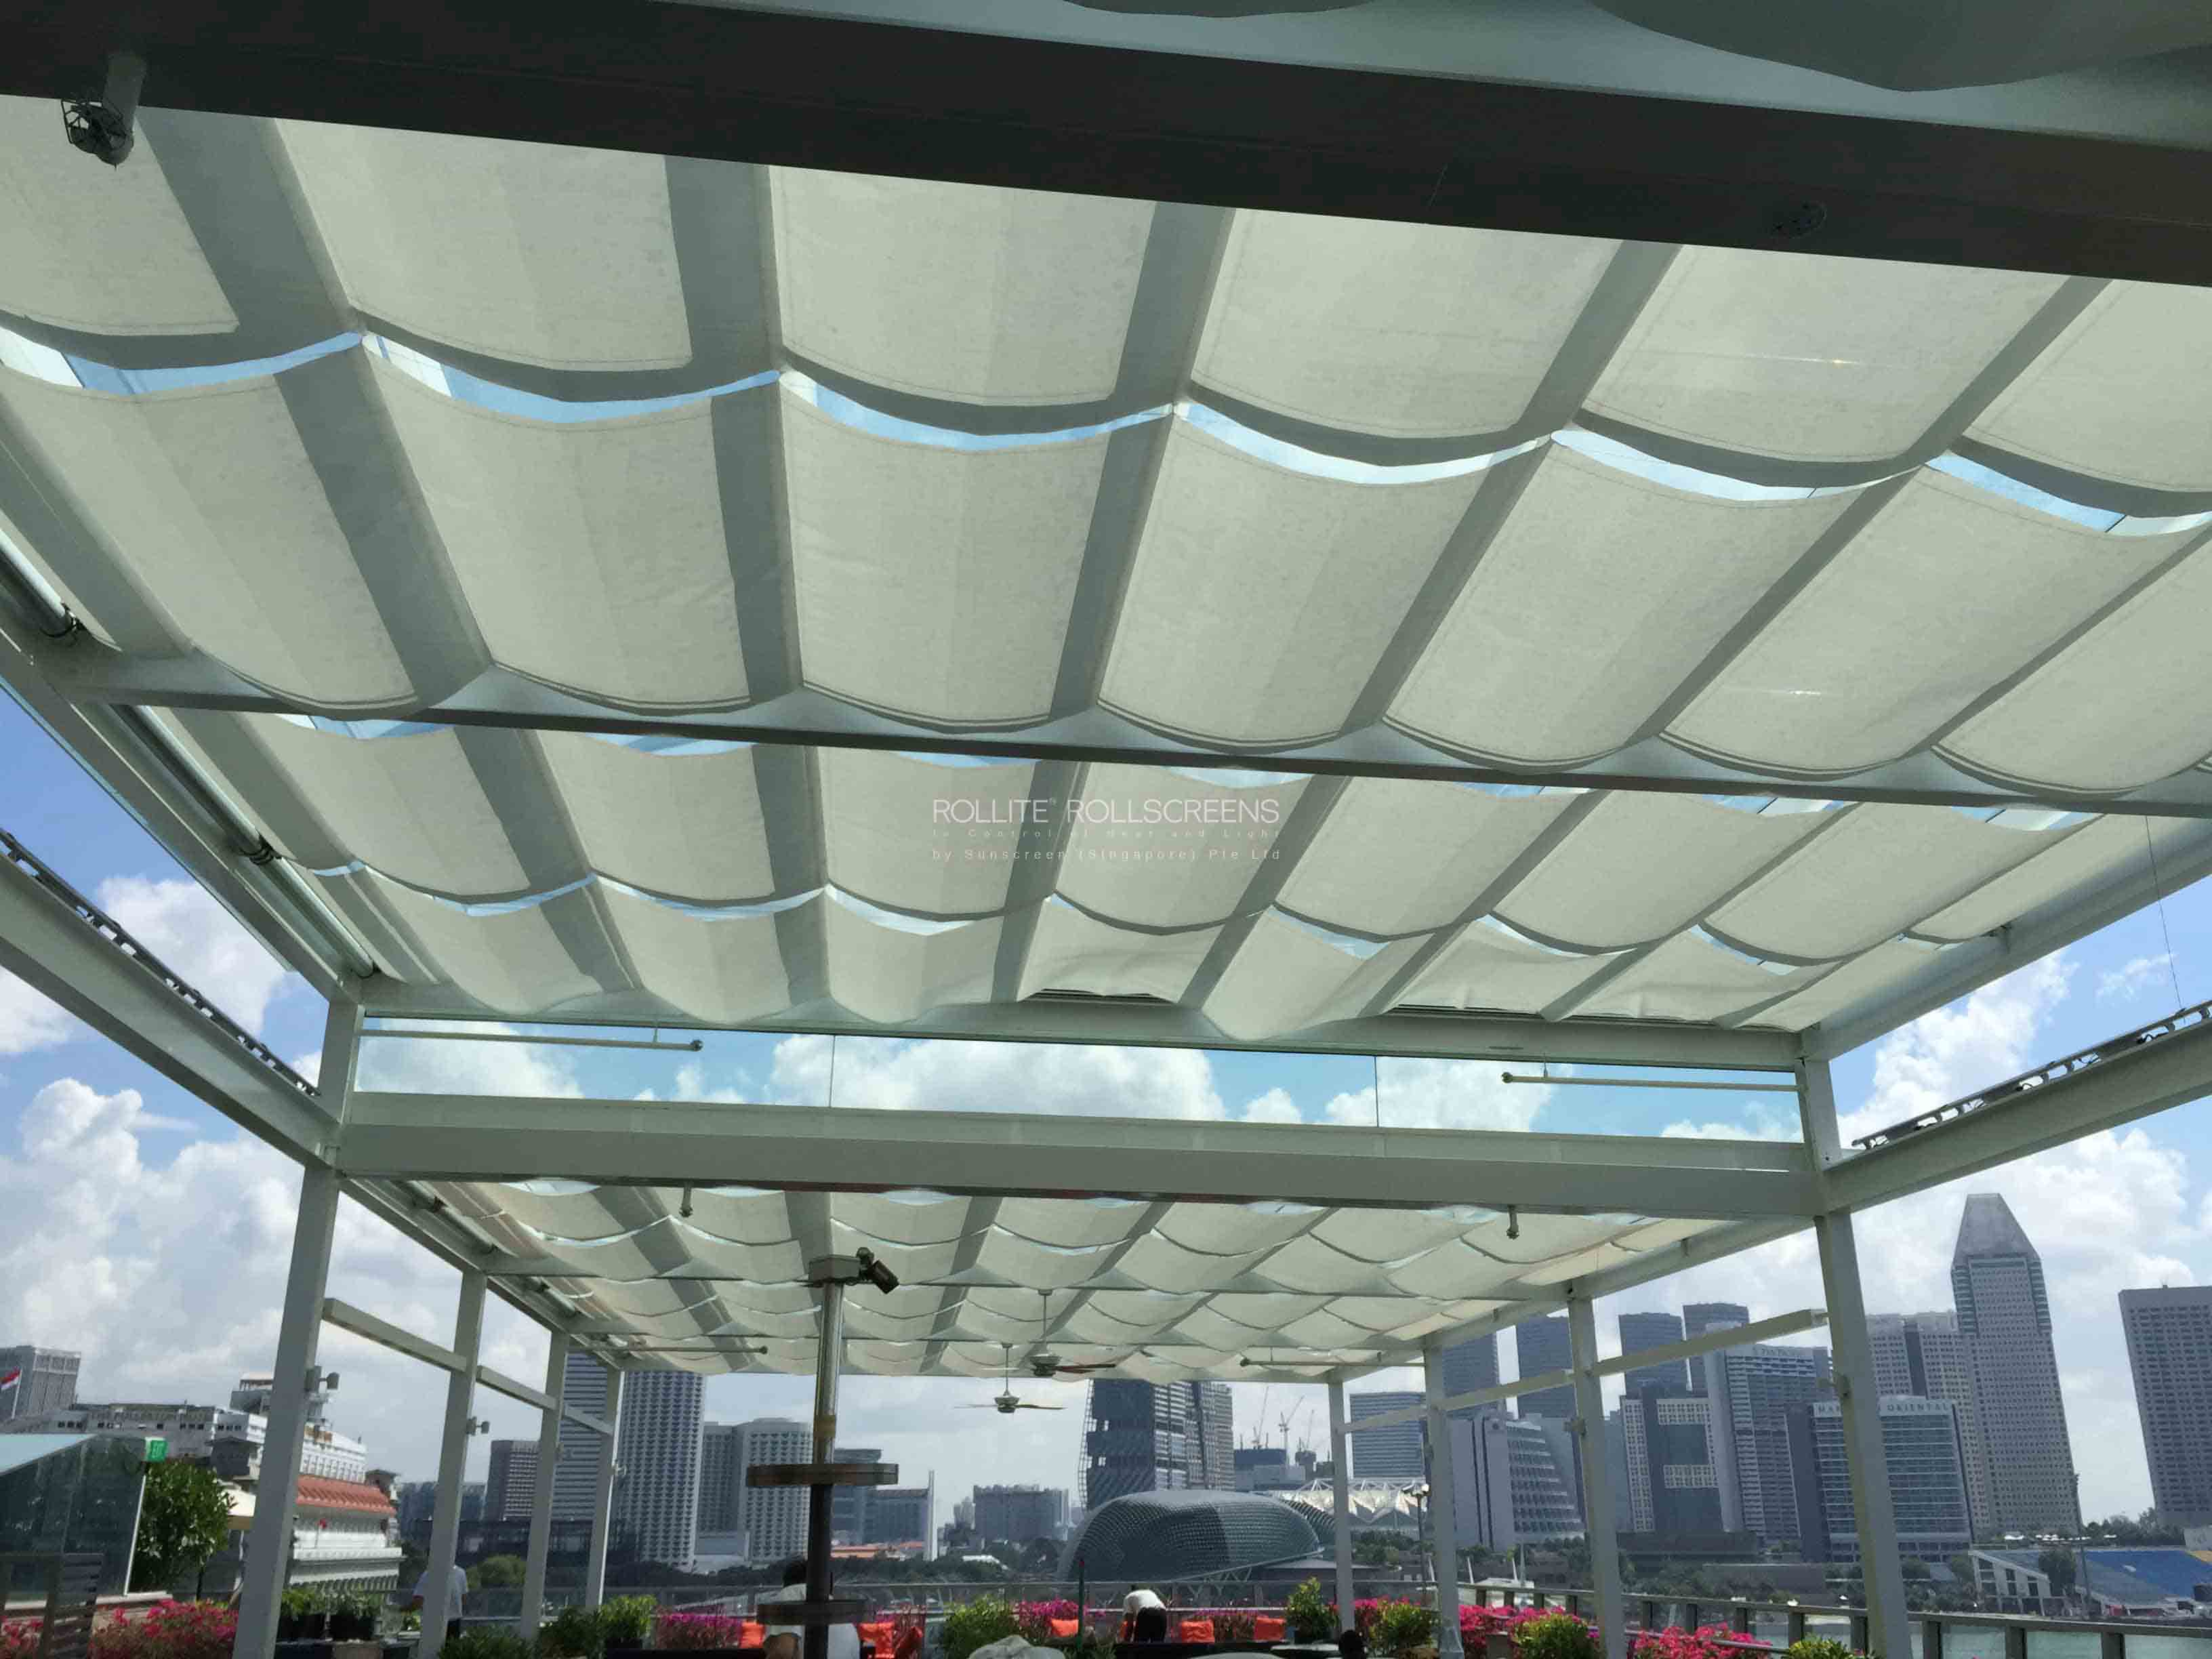 Sunscreen-Singapore_Rollite-External-Scallop-Skylight-1